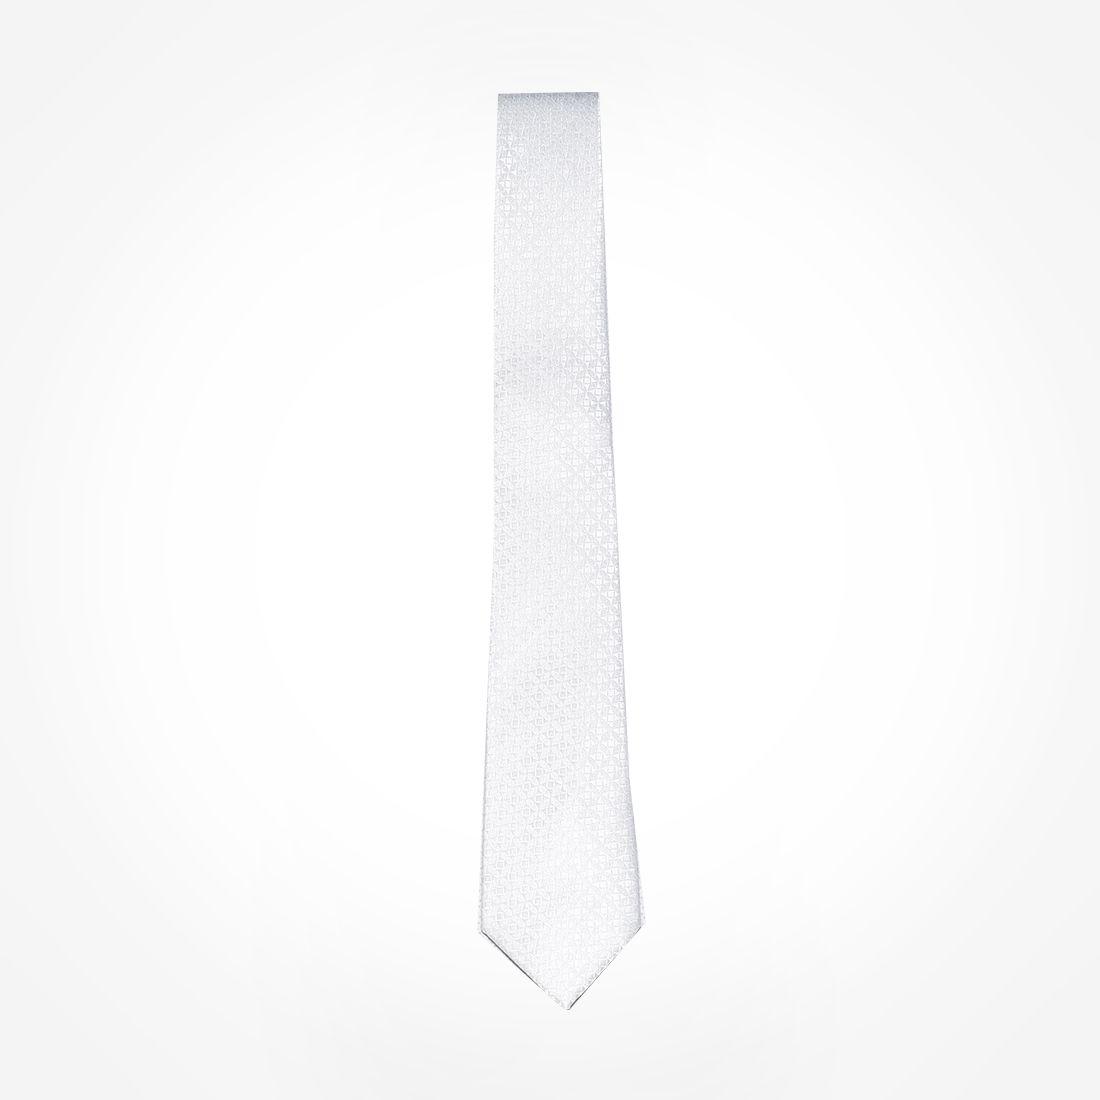 4027 - Gravata Branca Slim  LEVOK